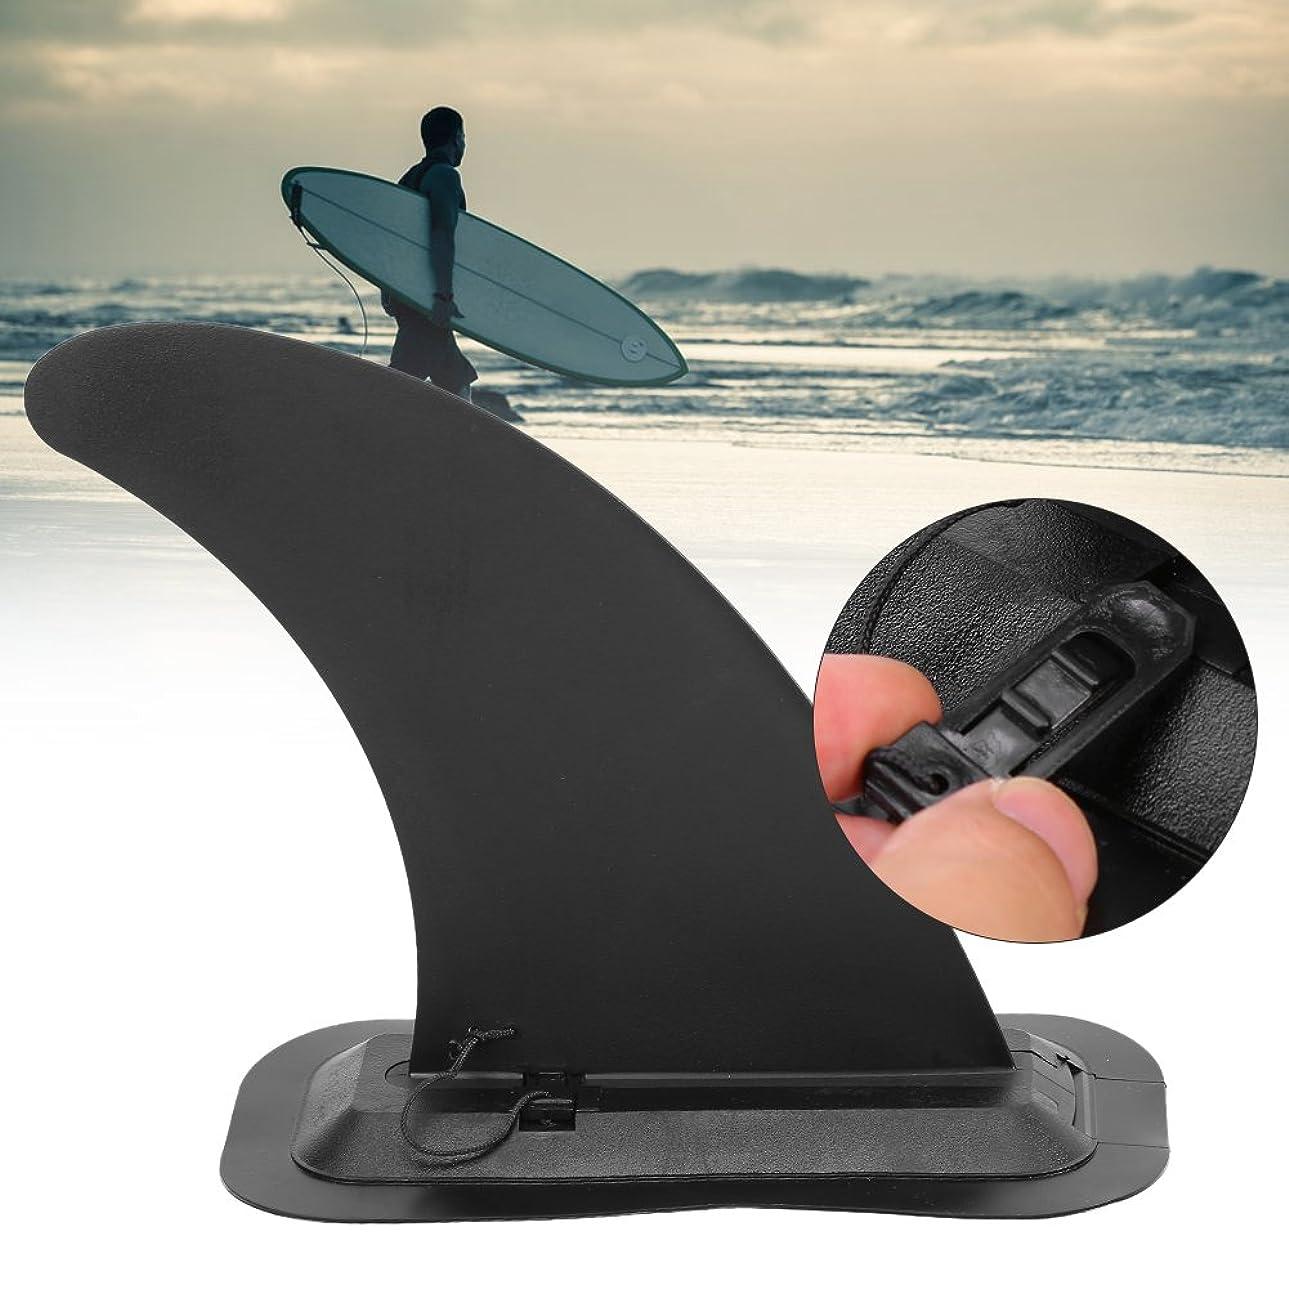 固執知っているに立ち寄る強度ロングボードセンターフィン サーフ SUP パドルボードセンターフィン 取り付け/取り外す簡単 練習用 ブラック